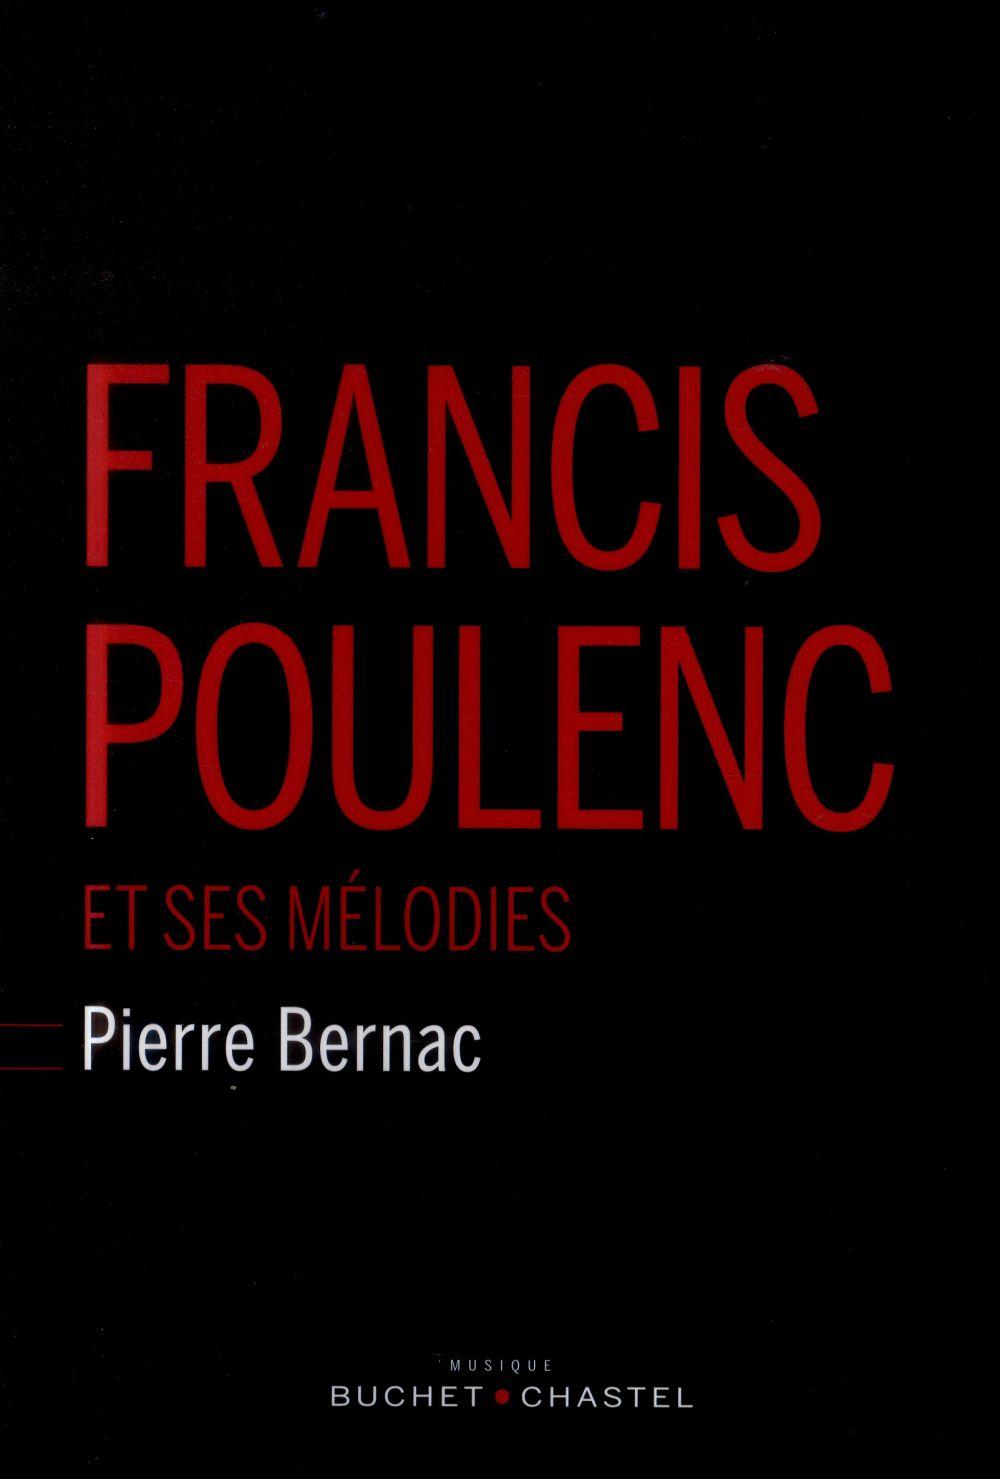 FRANCIS POULENC ET SES MELODIE